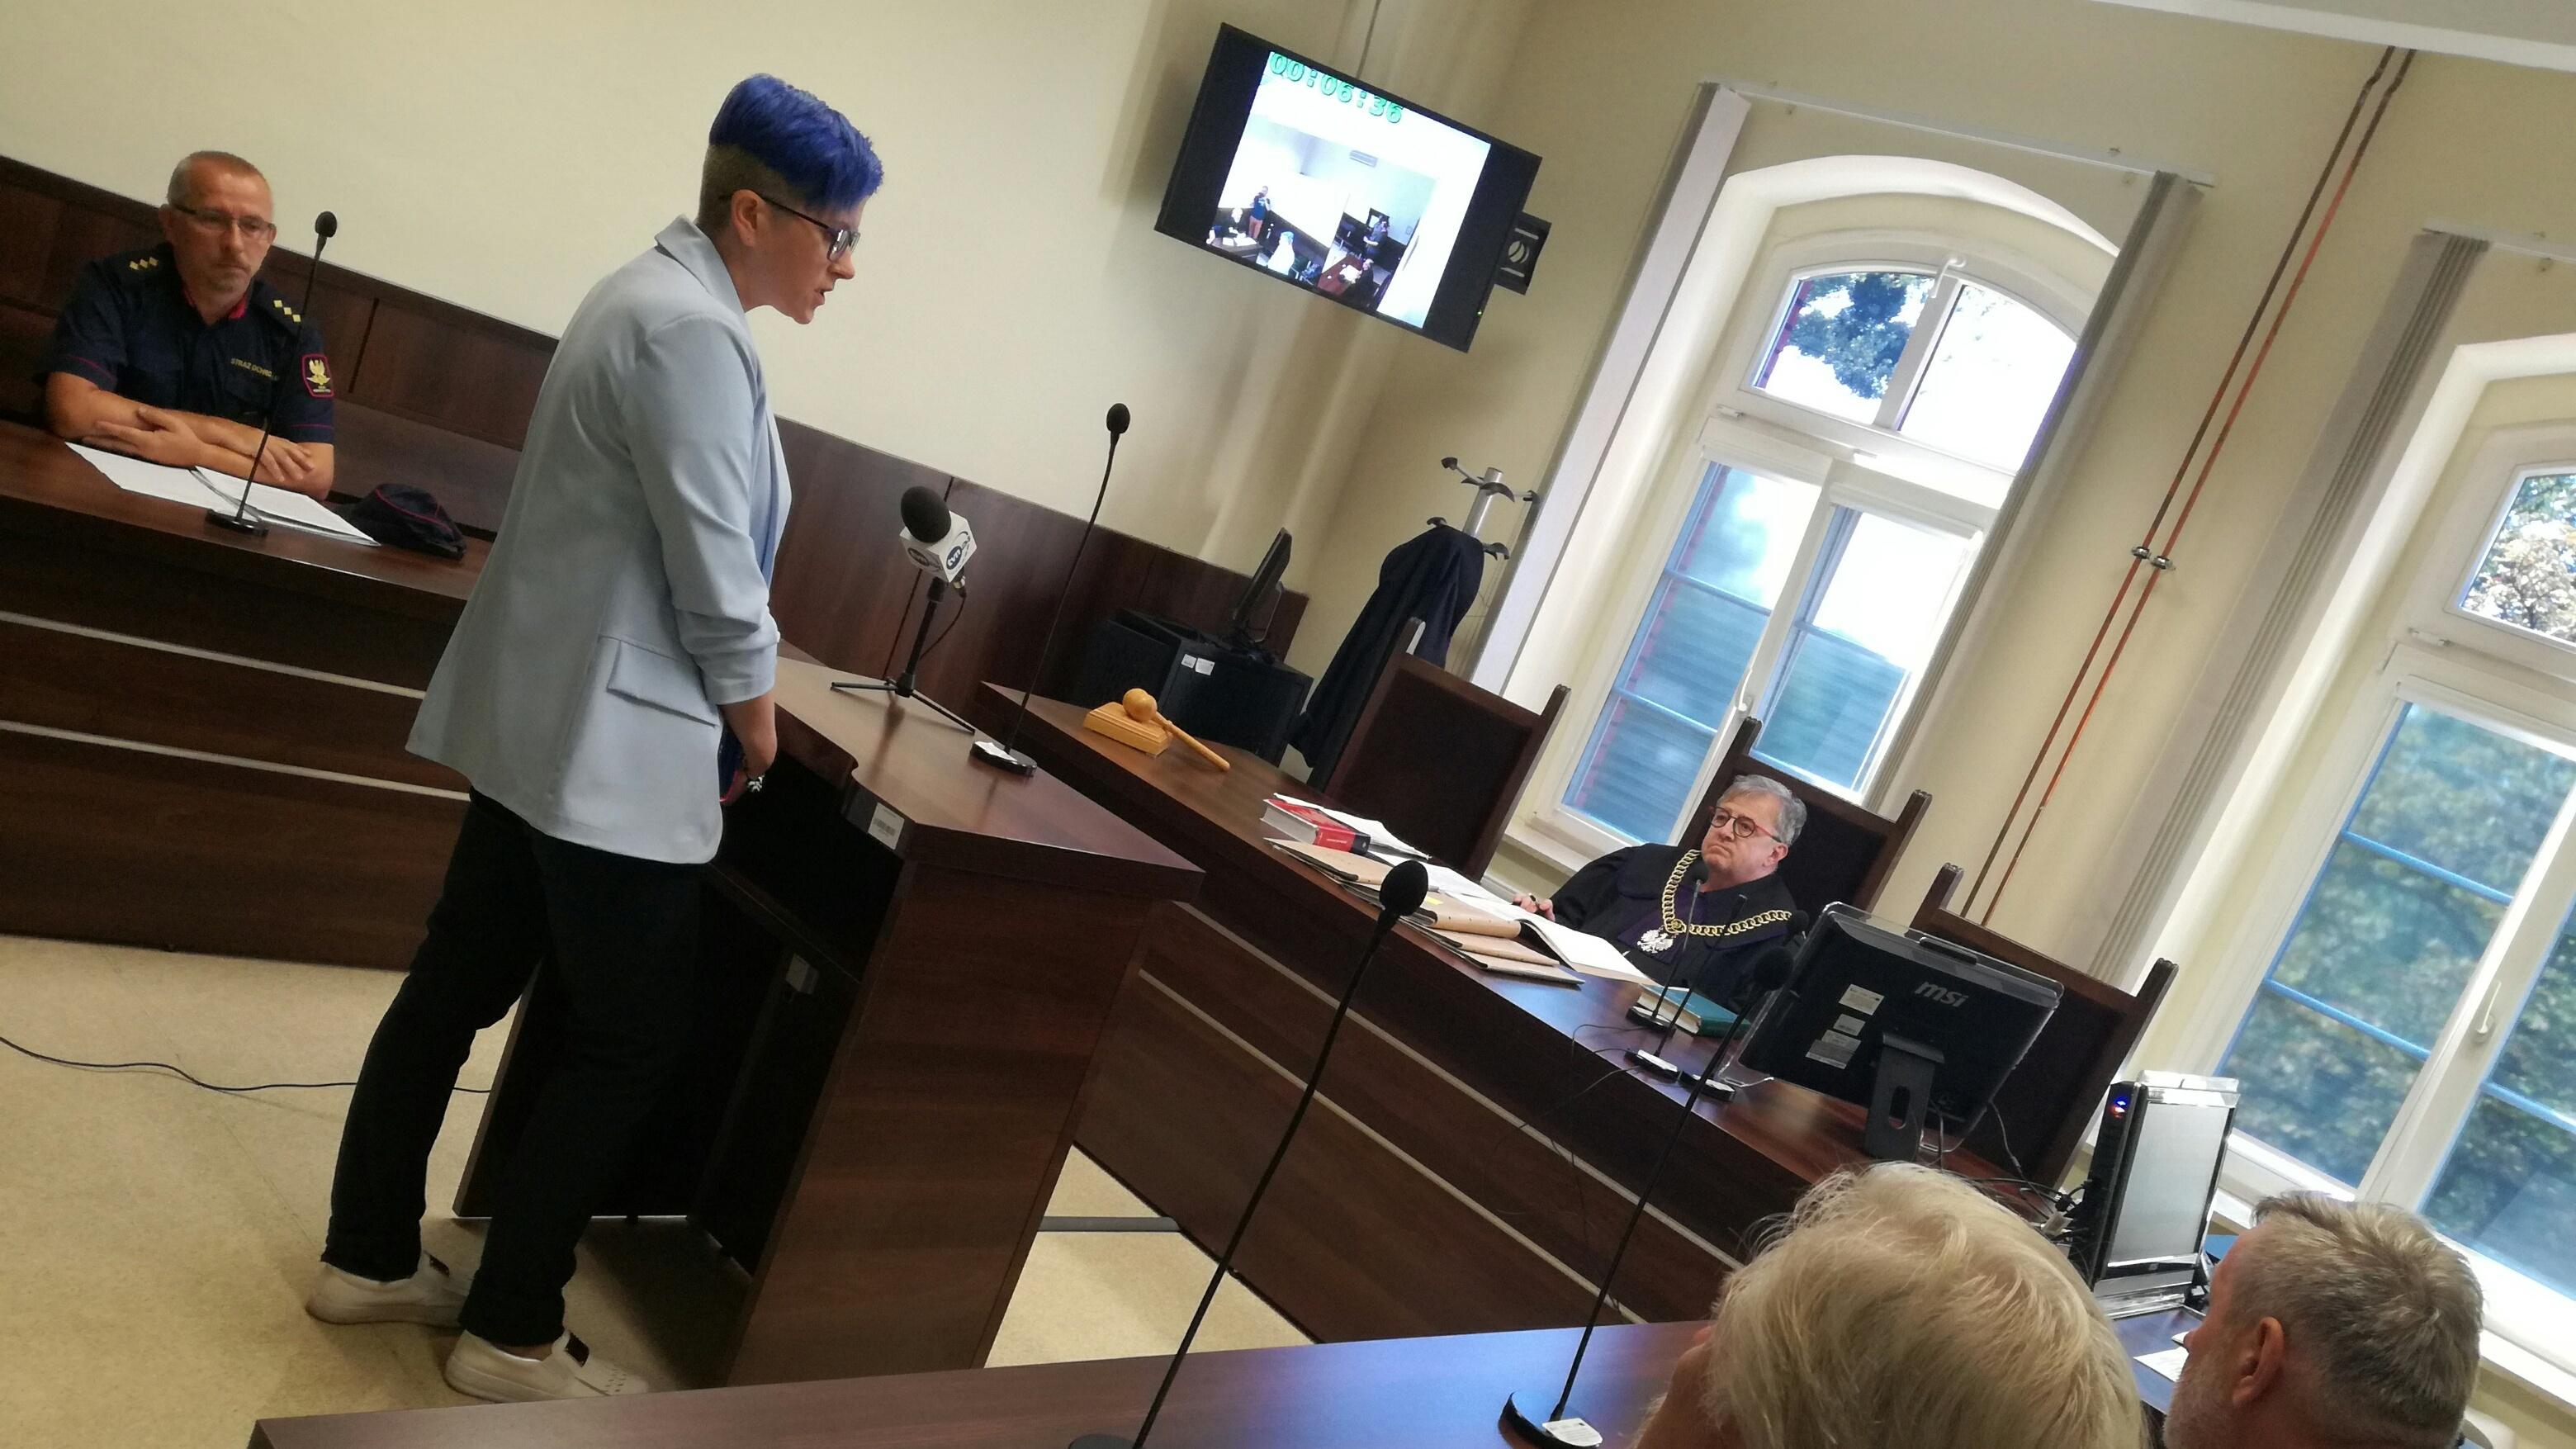 Sąd Rejonowy w Opolu: sprawa dziennikarz vs. PKP